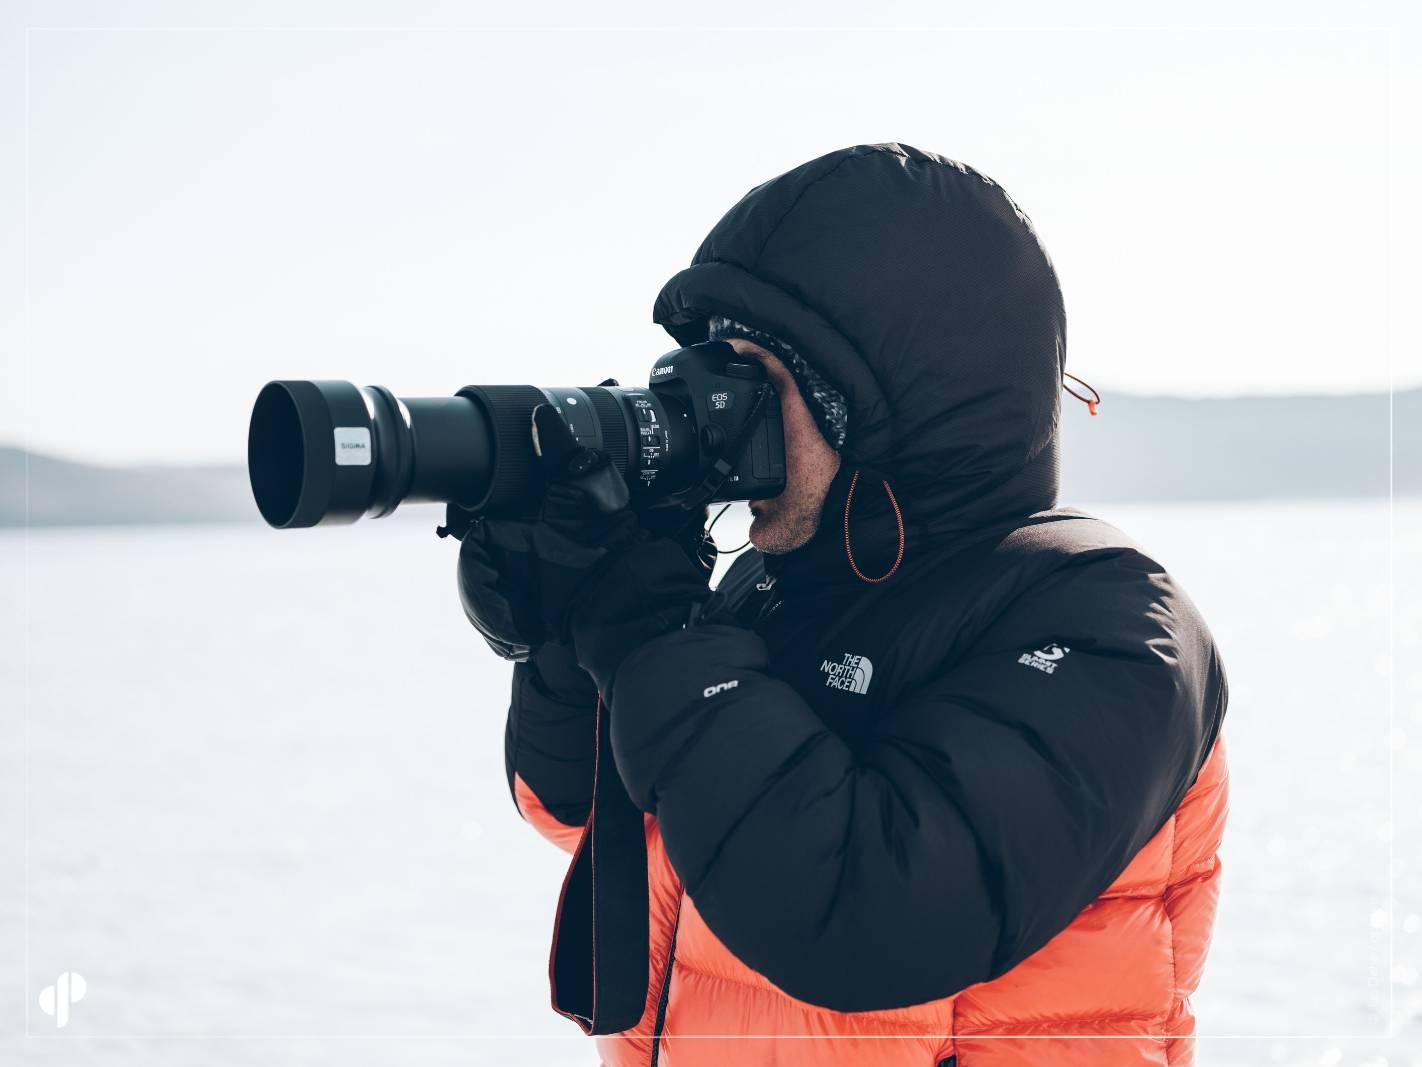 le photographe Marc Lavaud avec un objectif sigma sur canon